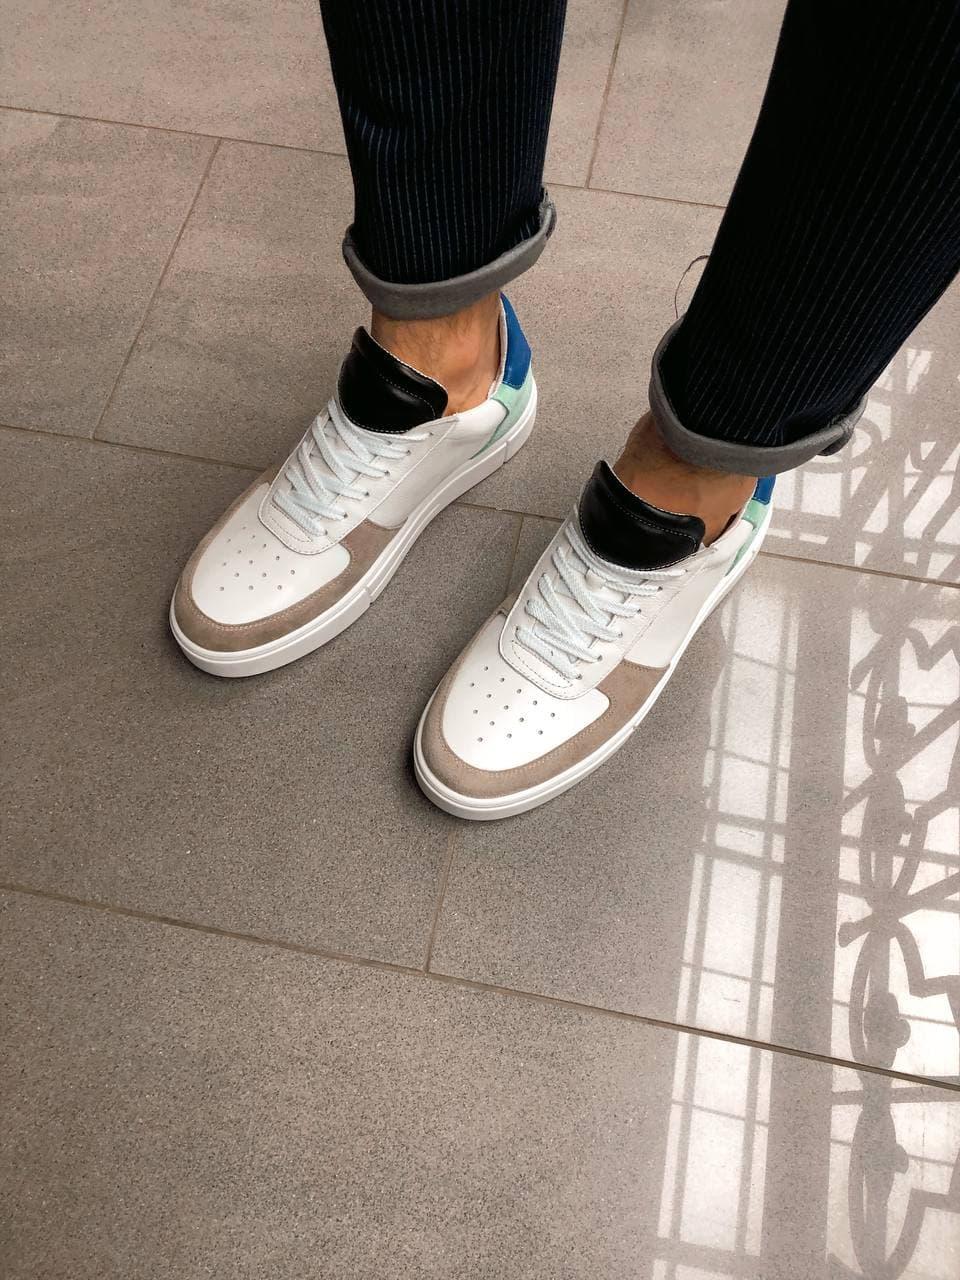 Чоловічі кросівки. Шкіряні кросівки.